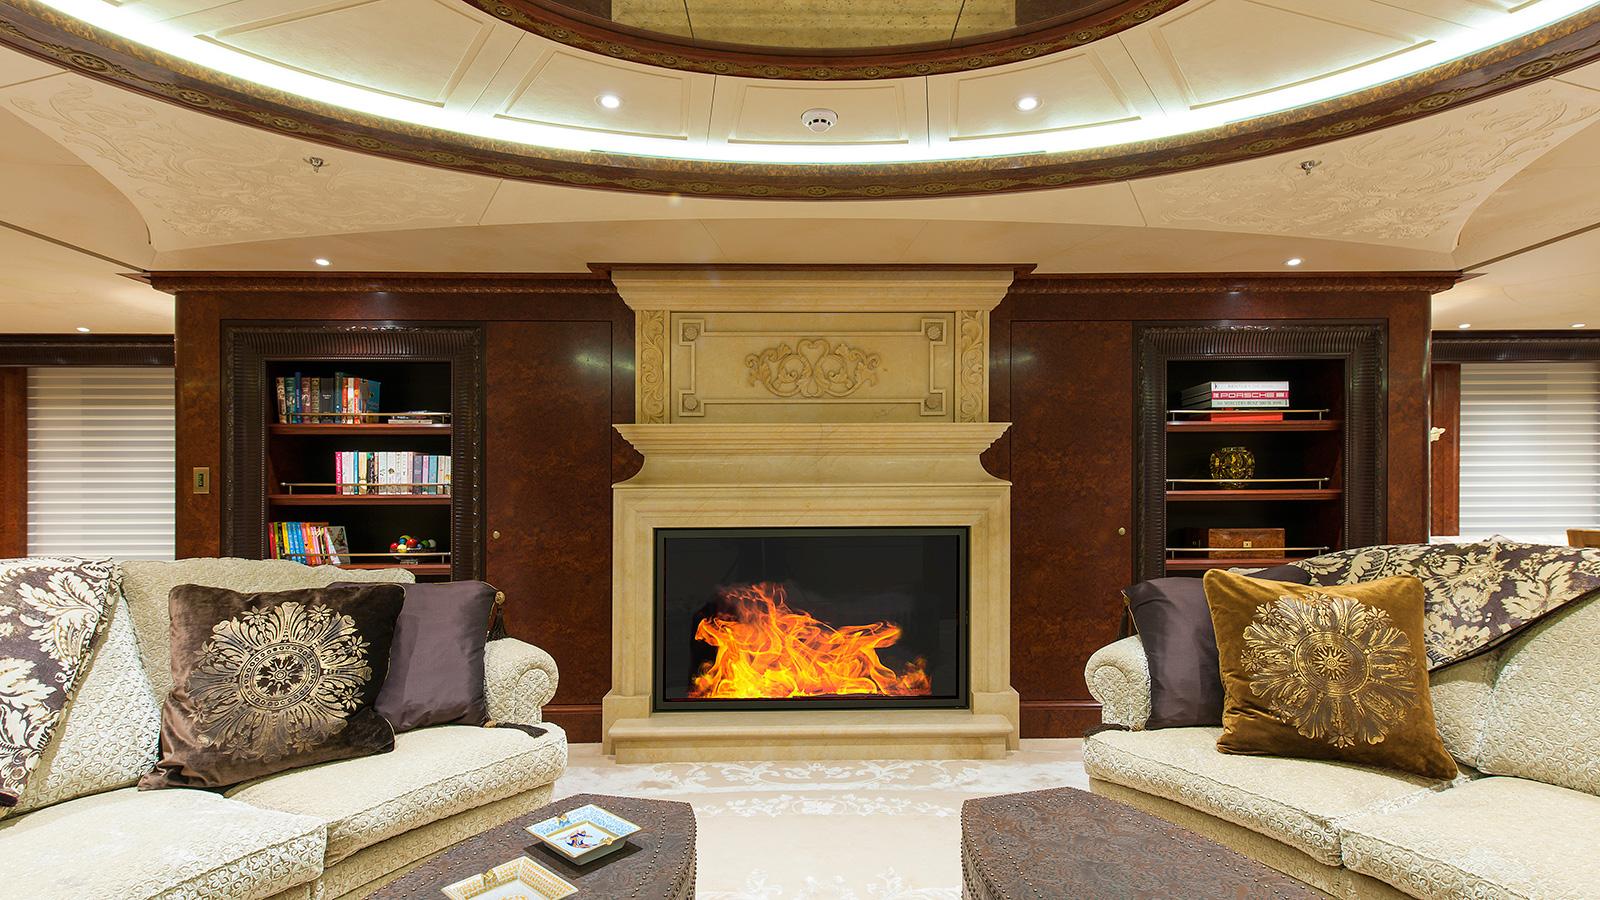 Ester Iii Yacht Fireplace